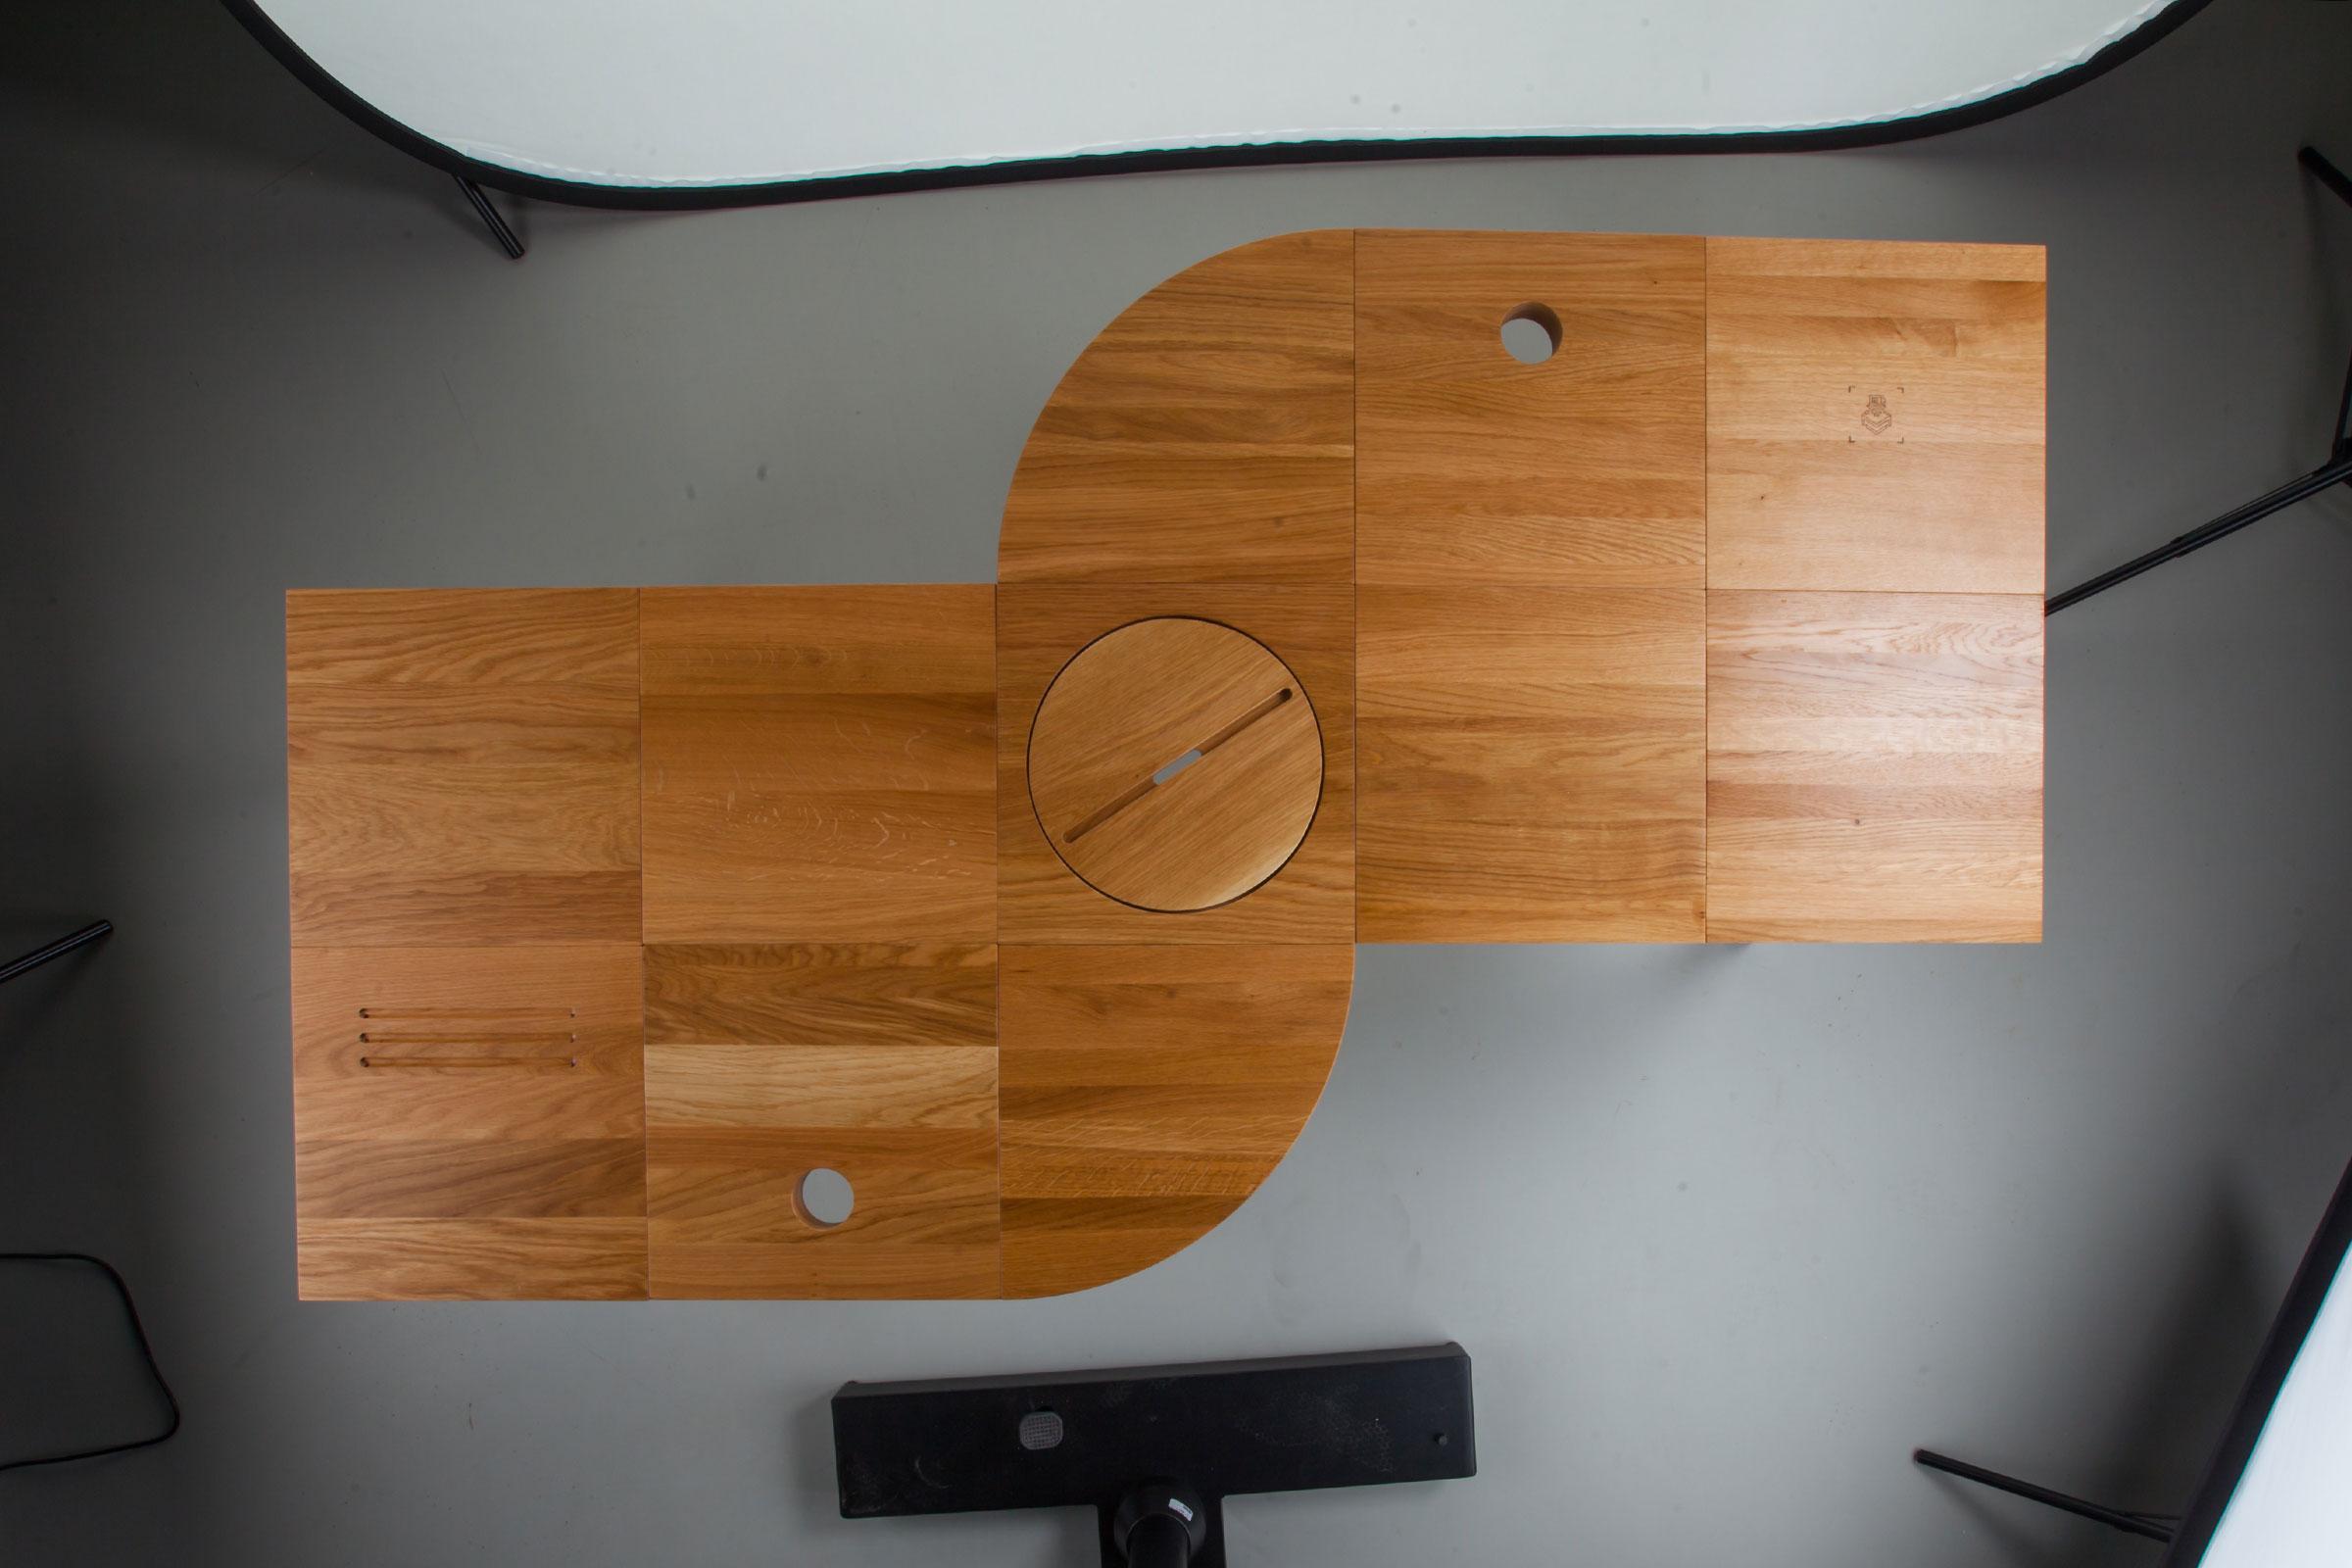 Hrvatski startup Modulos lansirao Kickstarter kampanju za proizvodnju modularnih stolova